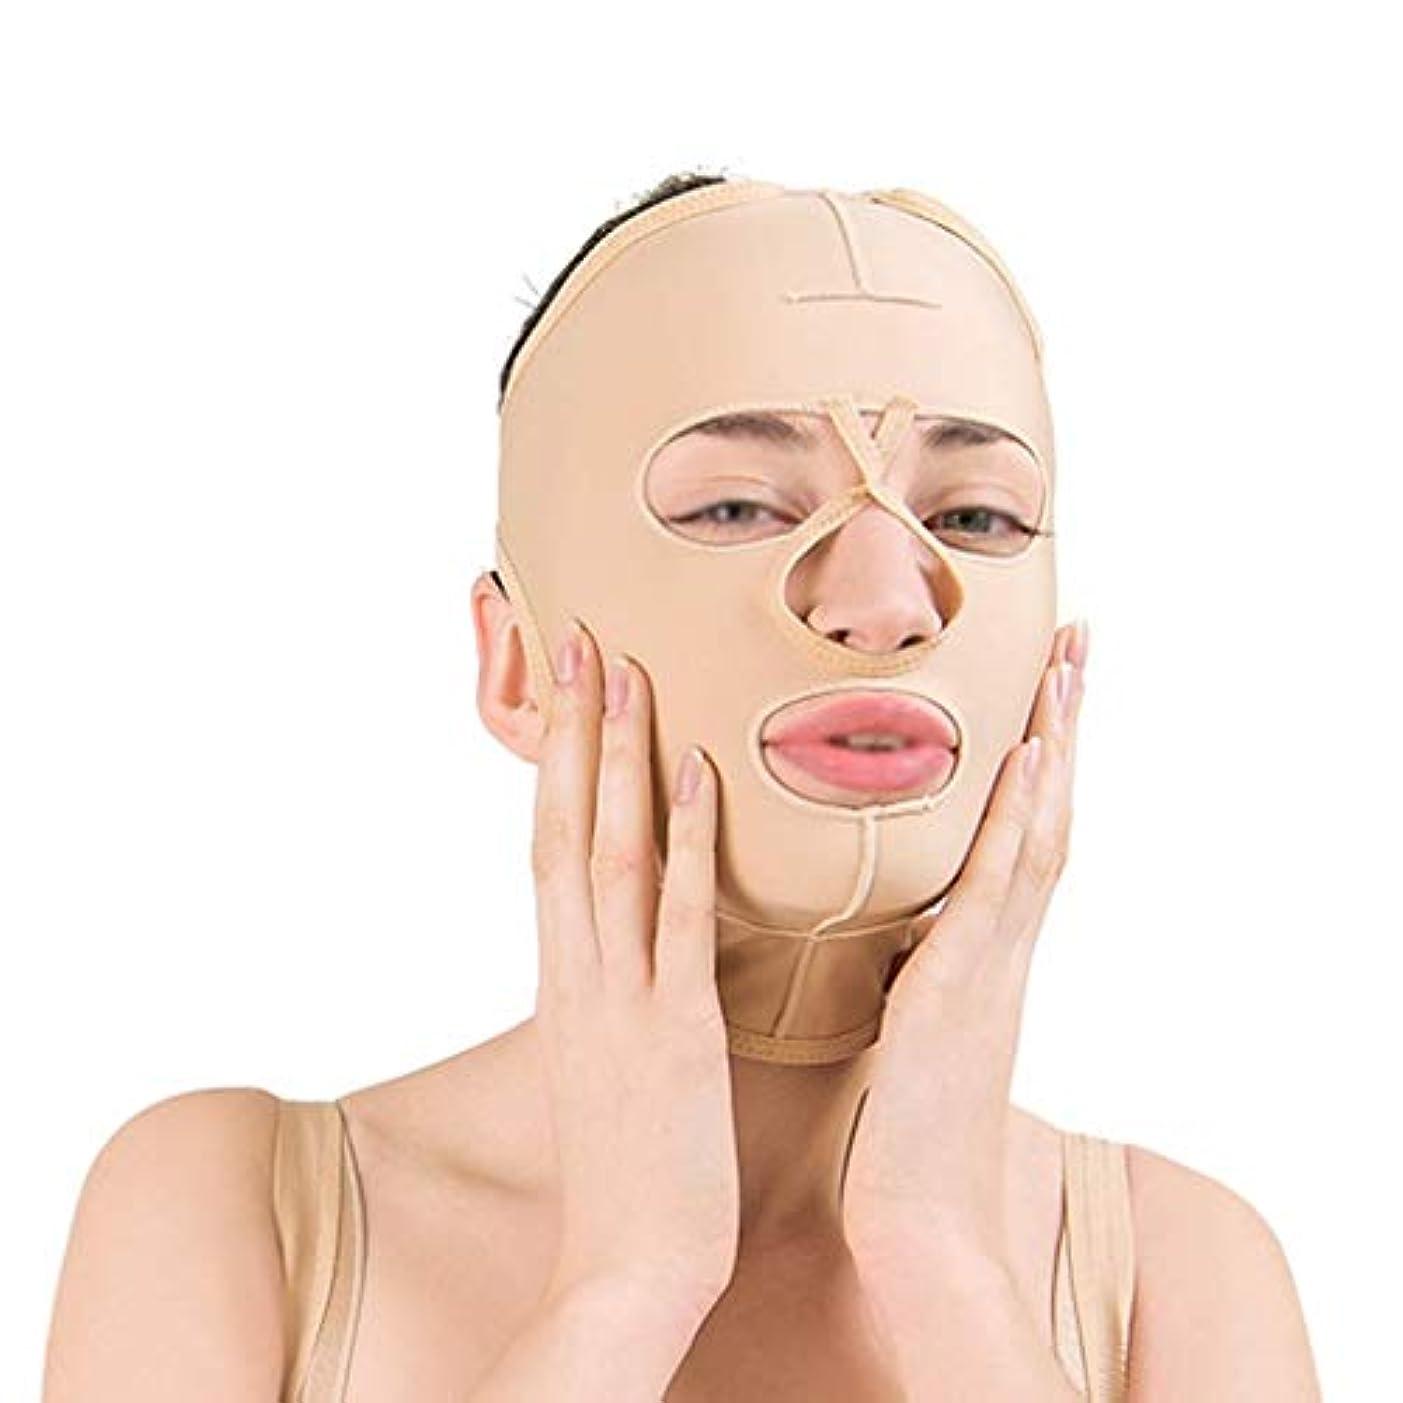 フェイススリミングマスク、フェイスバンデージ付きフェイシャル減量マスク、通気性フェイスリフト、引き締め、フェイスリフティング(サイズ:L),M